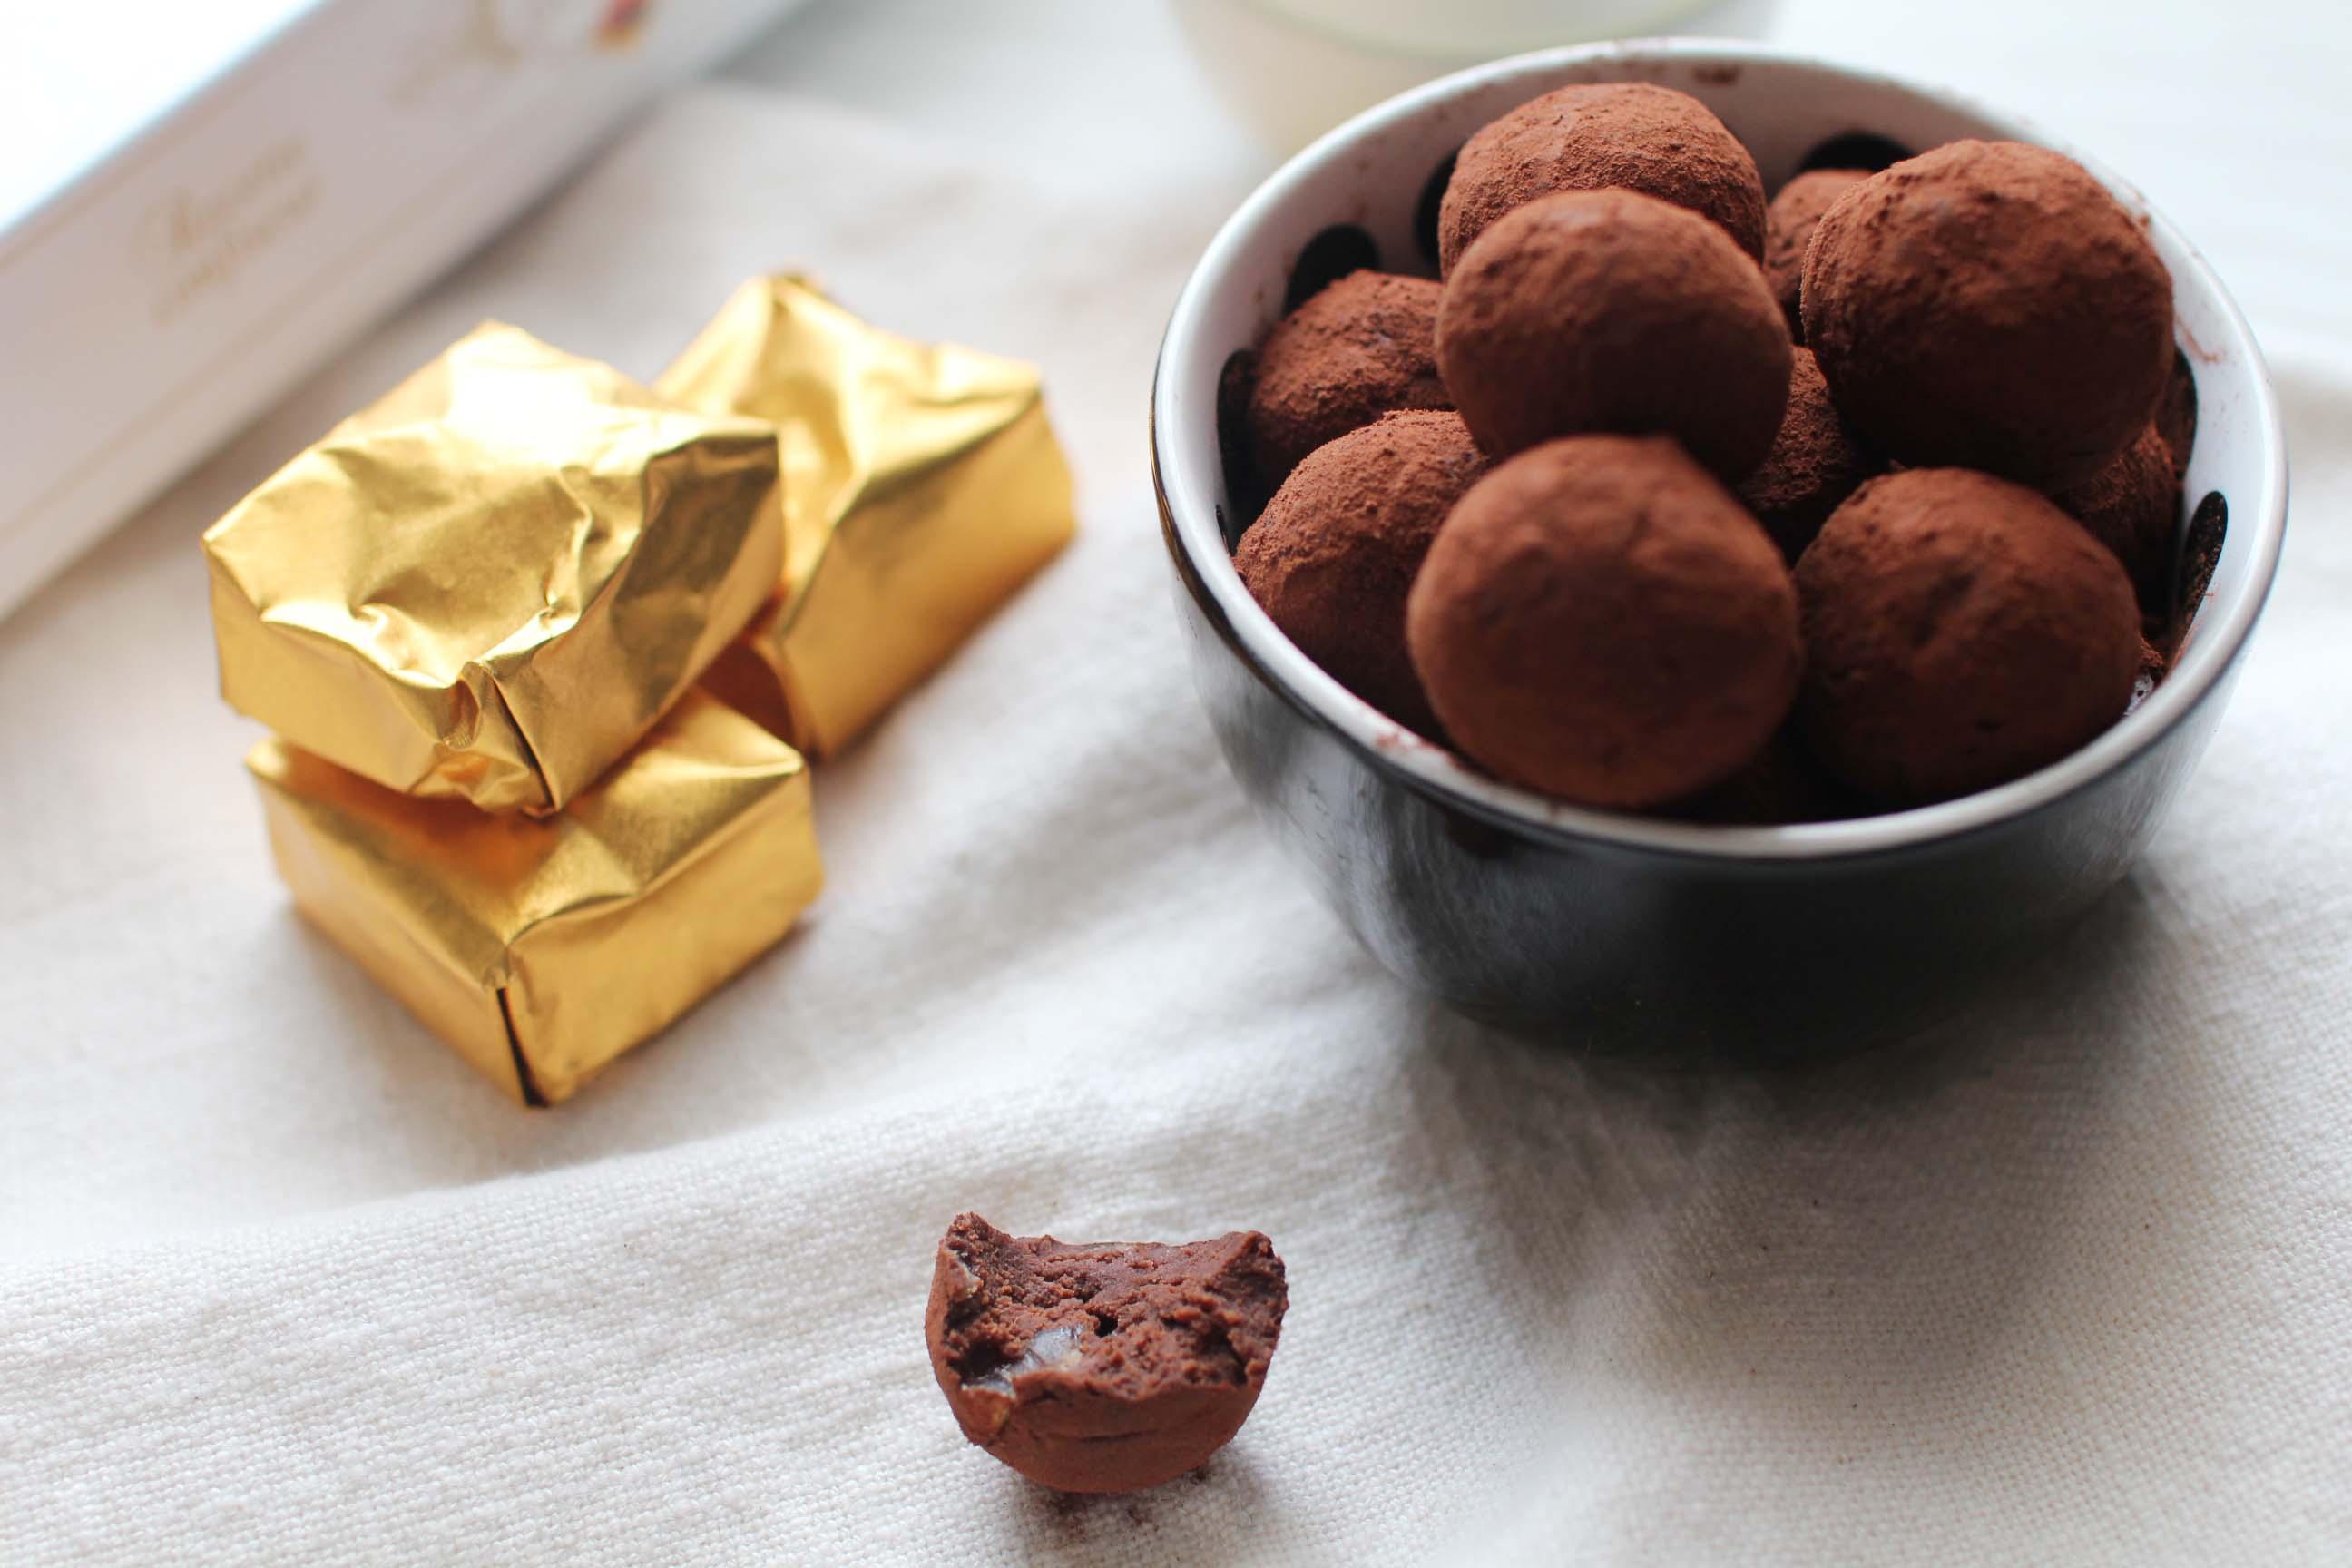 truffes marron 3 Truffes au chocolat et aux marrons